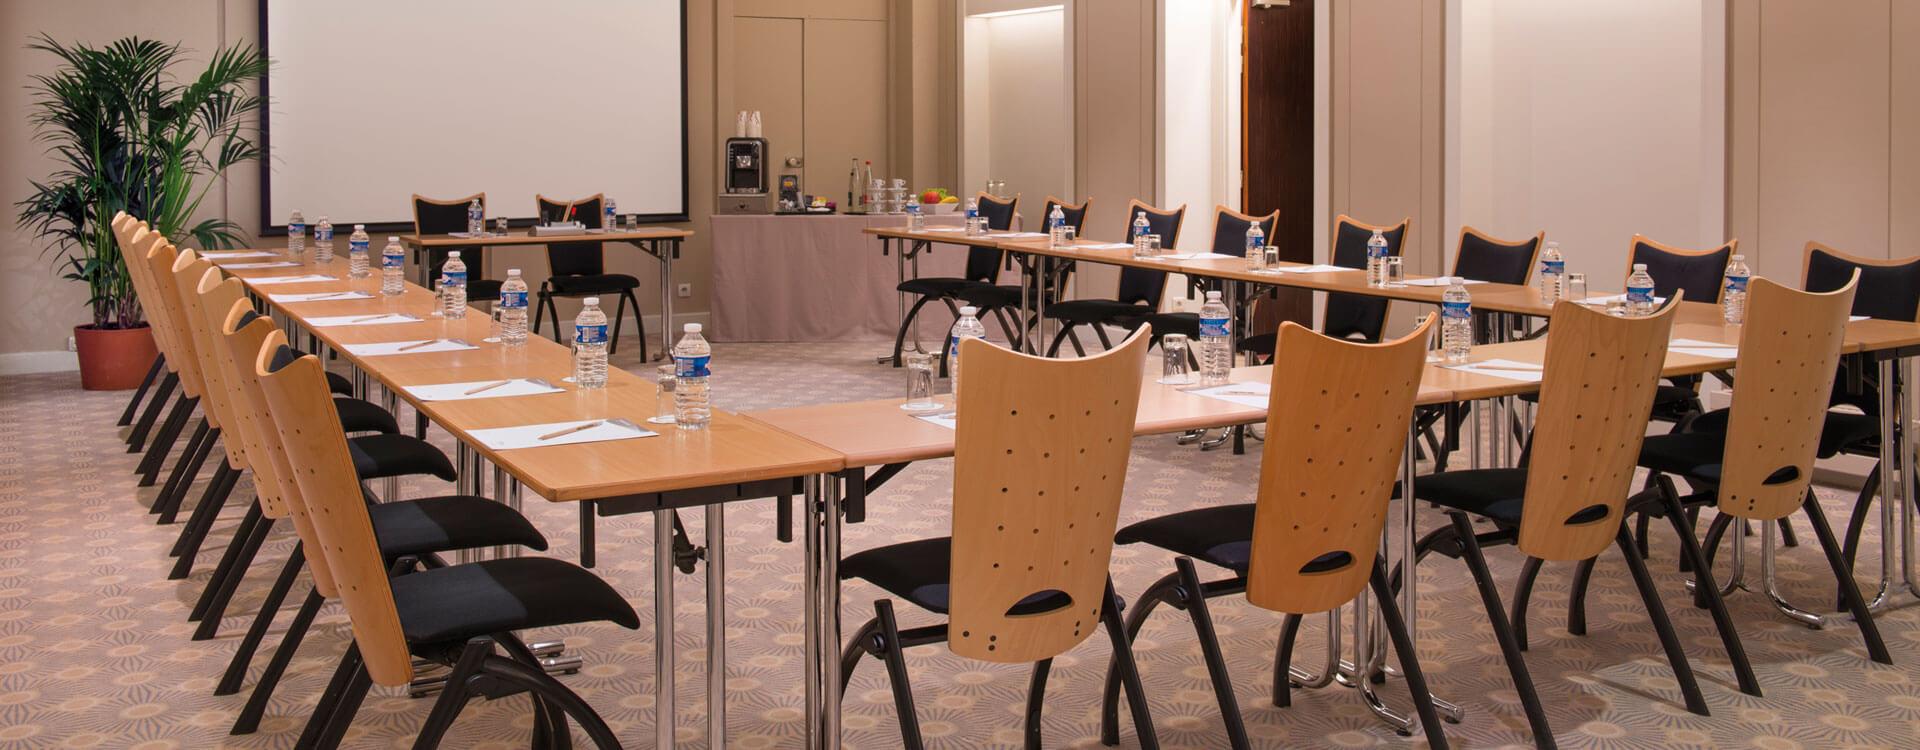 Salle de réunion - Hôtel*** Paris Provinces Opéra